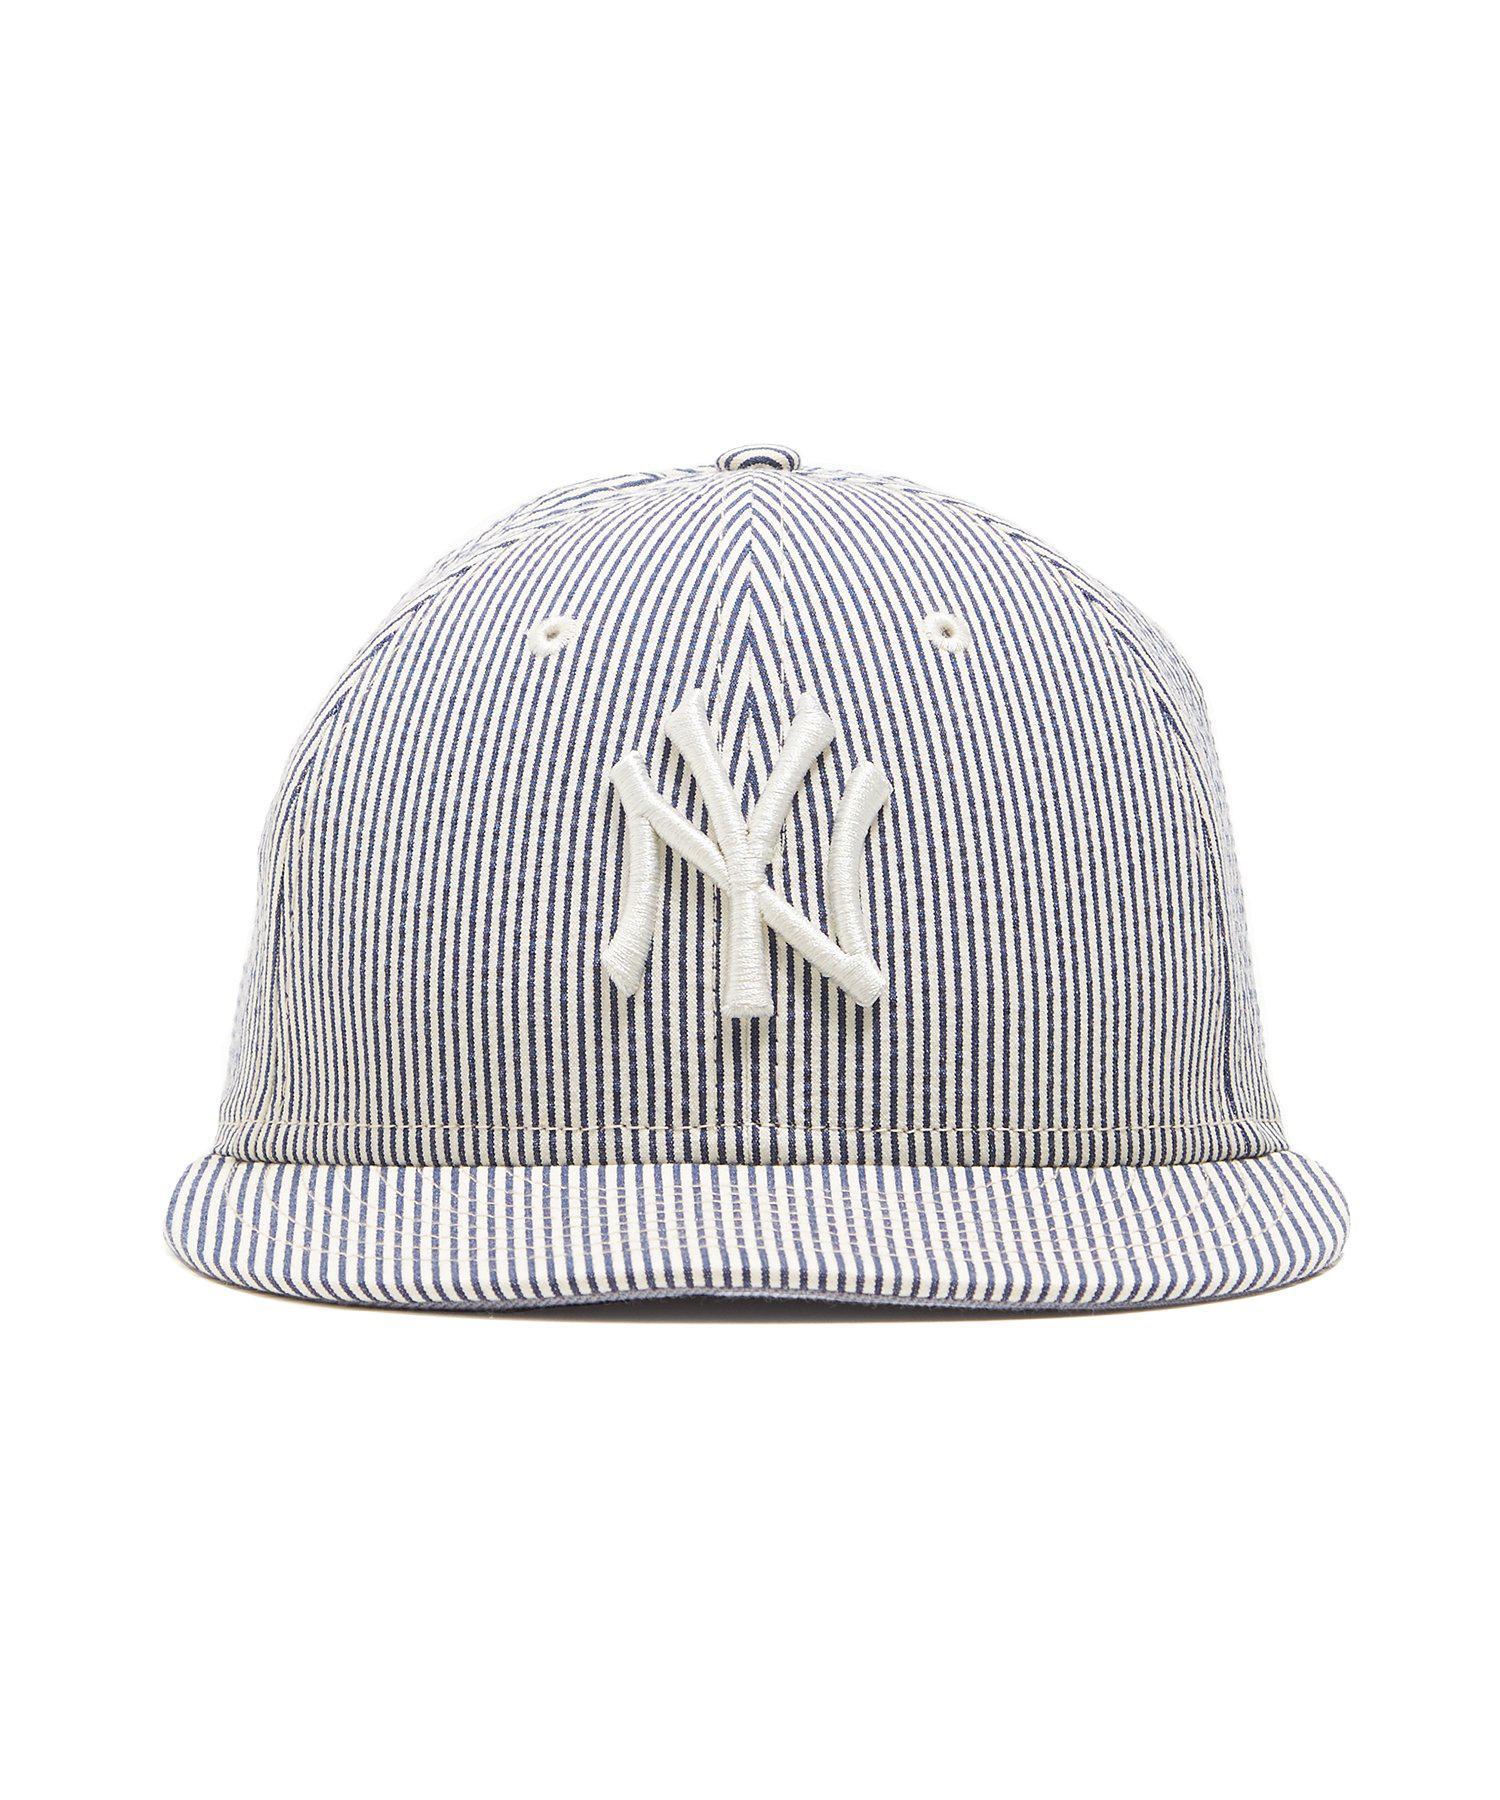 36694ed6ff2 Lyst - NEW ERA HATS New York Yankees Cap In Seersucker in Blue for Men